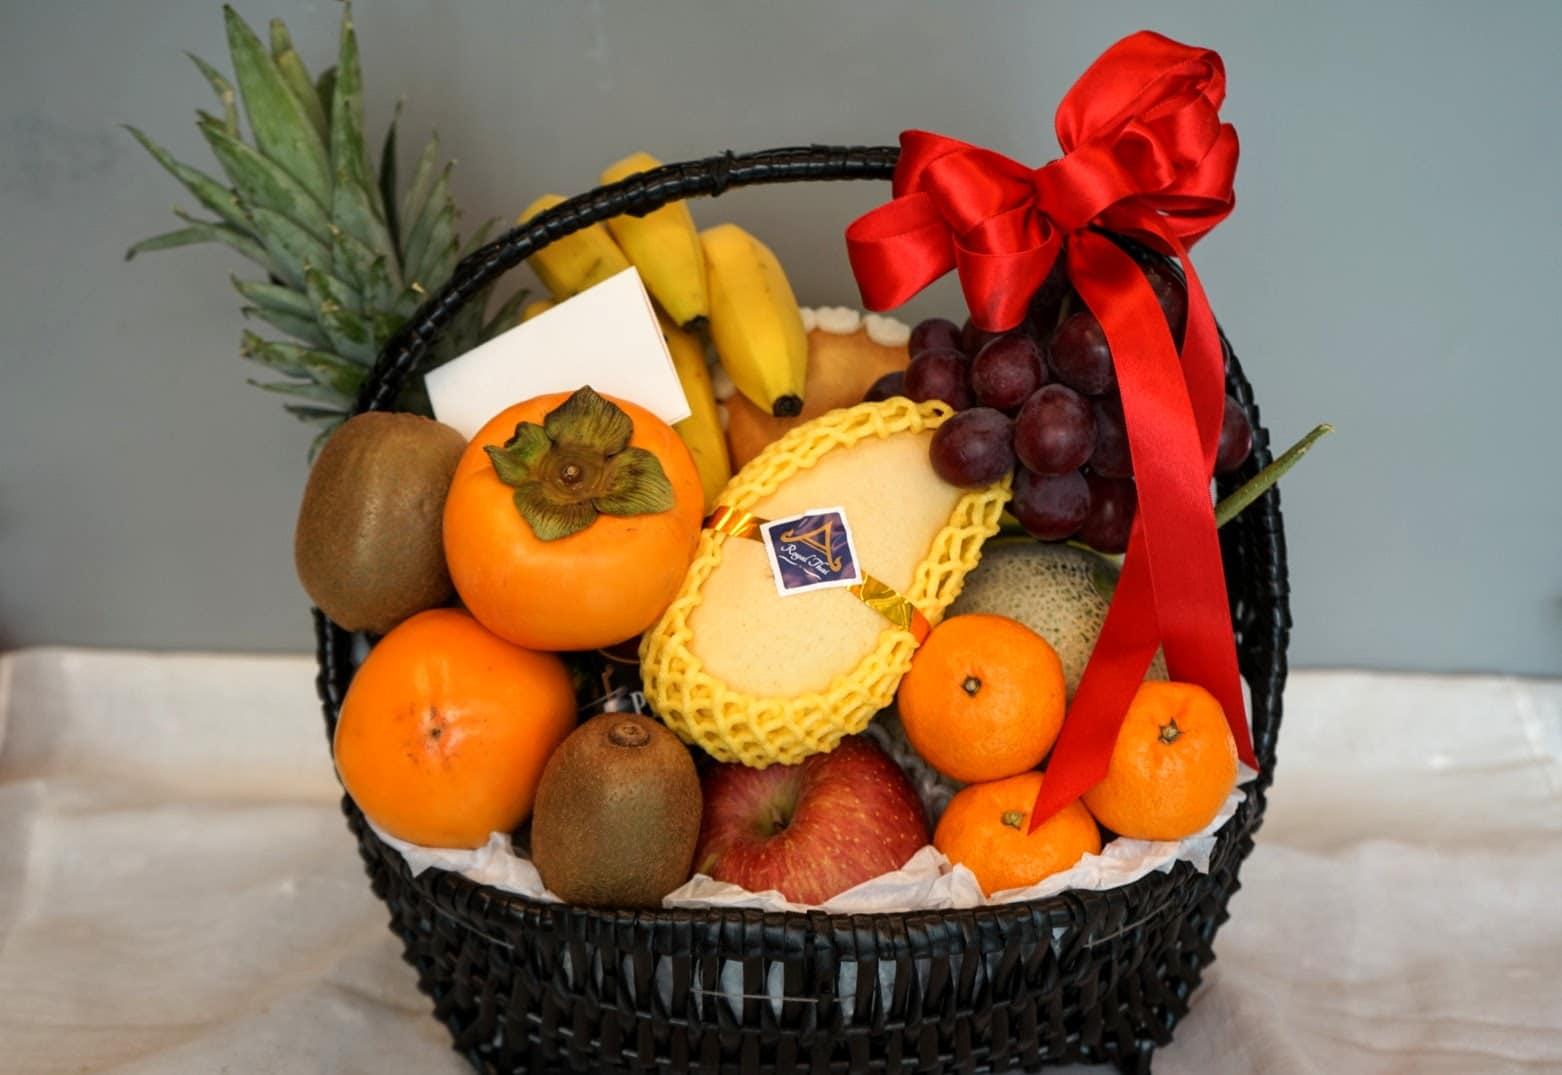 fruit basket gift delivery korea seoul